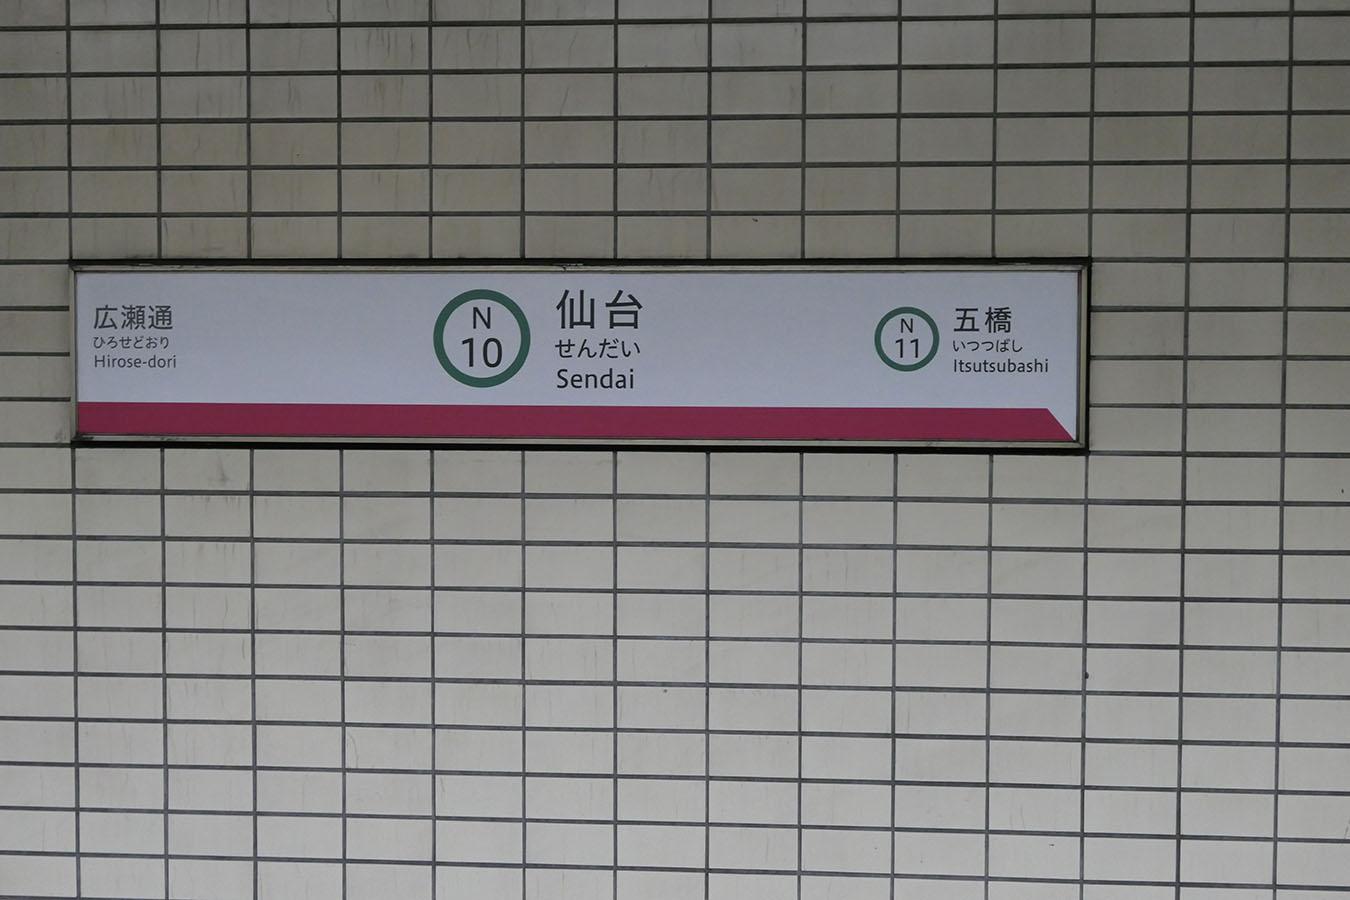 SS-N10_photo03a.jpg